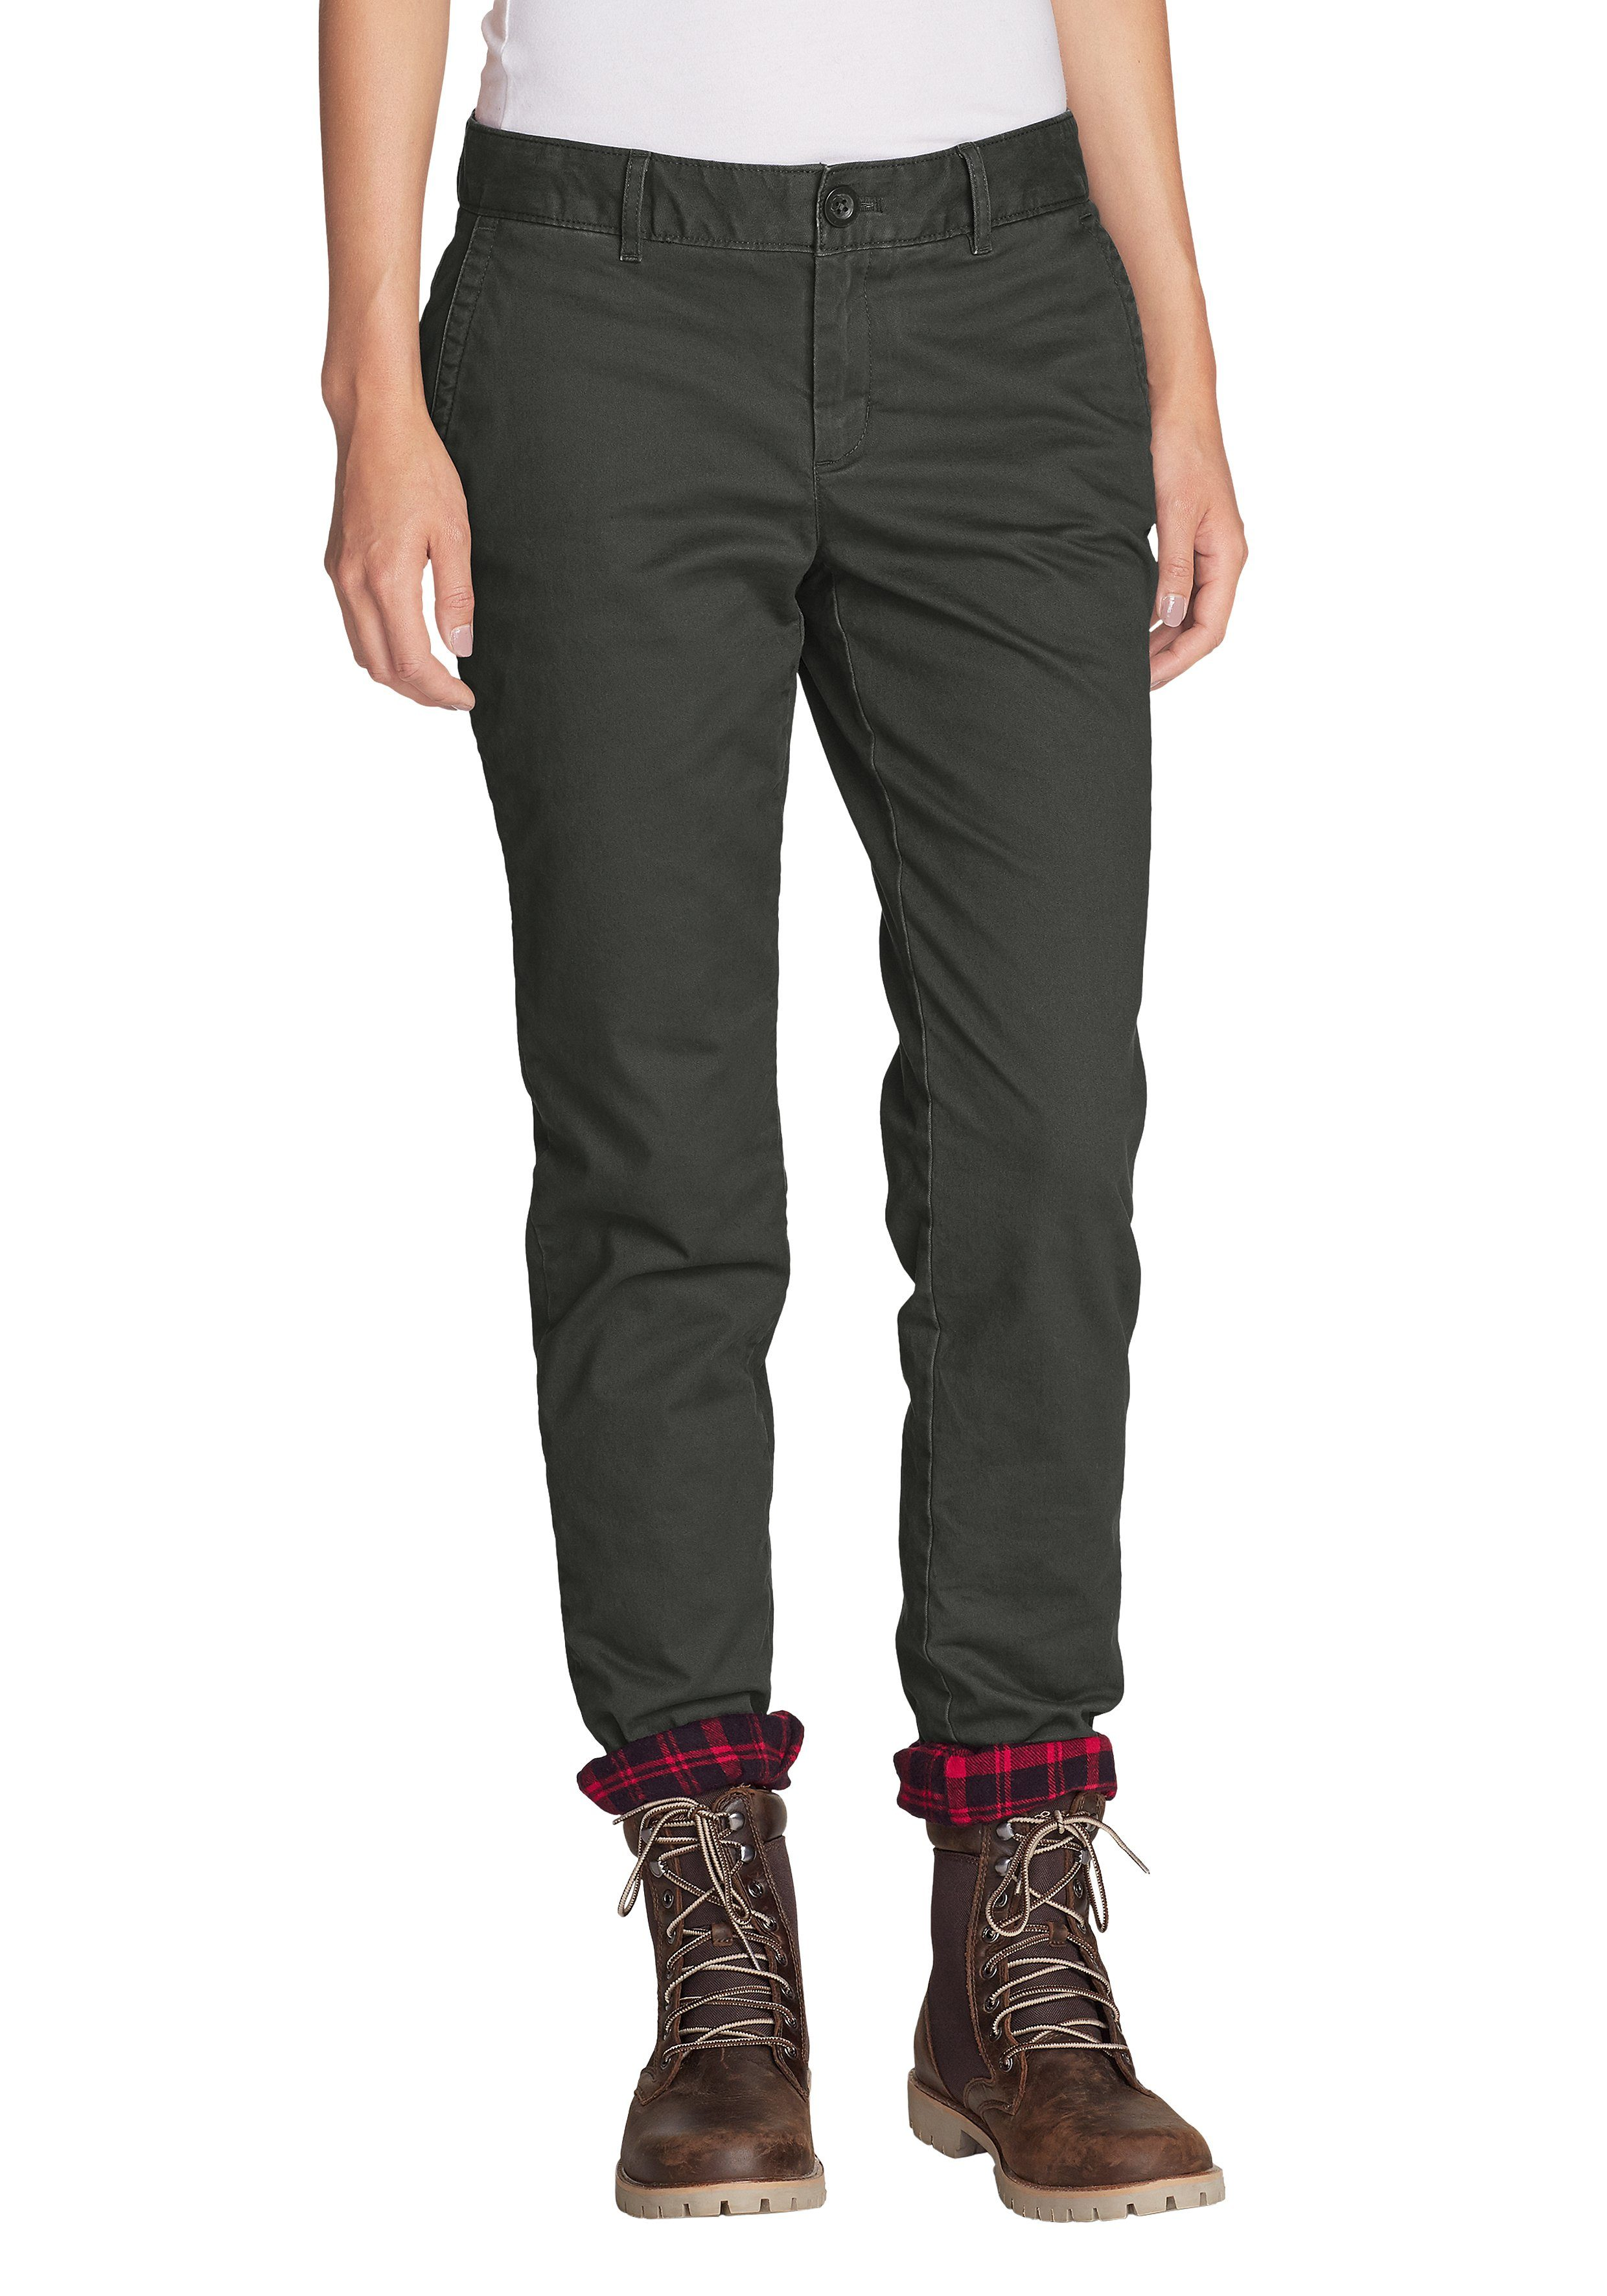 Eddie Bauer 5-Pocket-Jeans, Legend Wash Boyfriend-Hose mit Flanellfutter